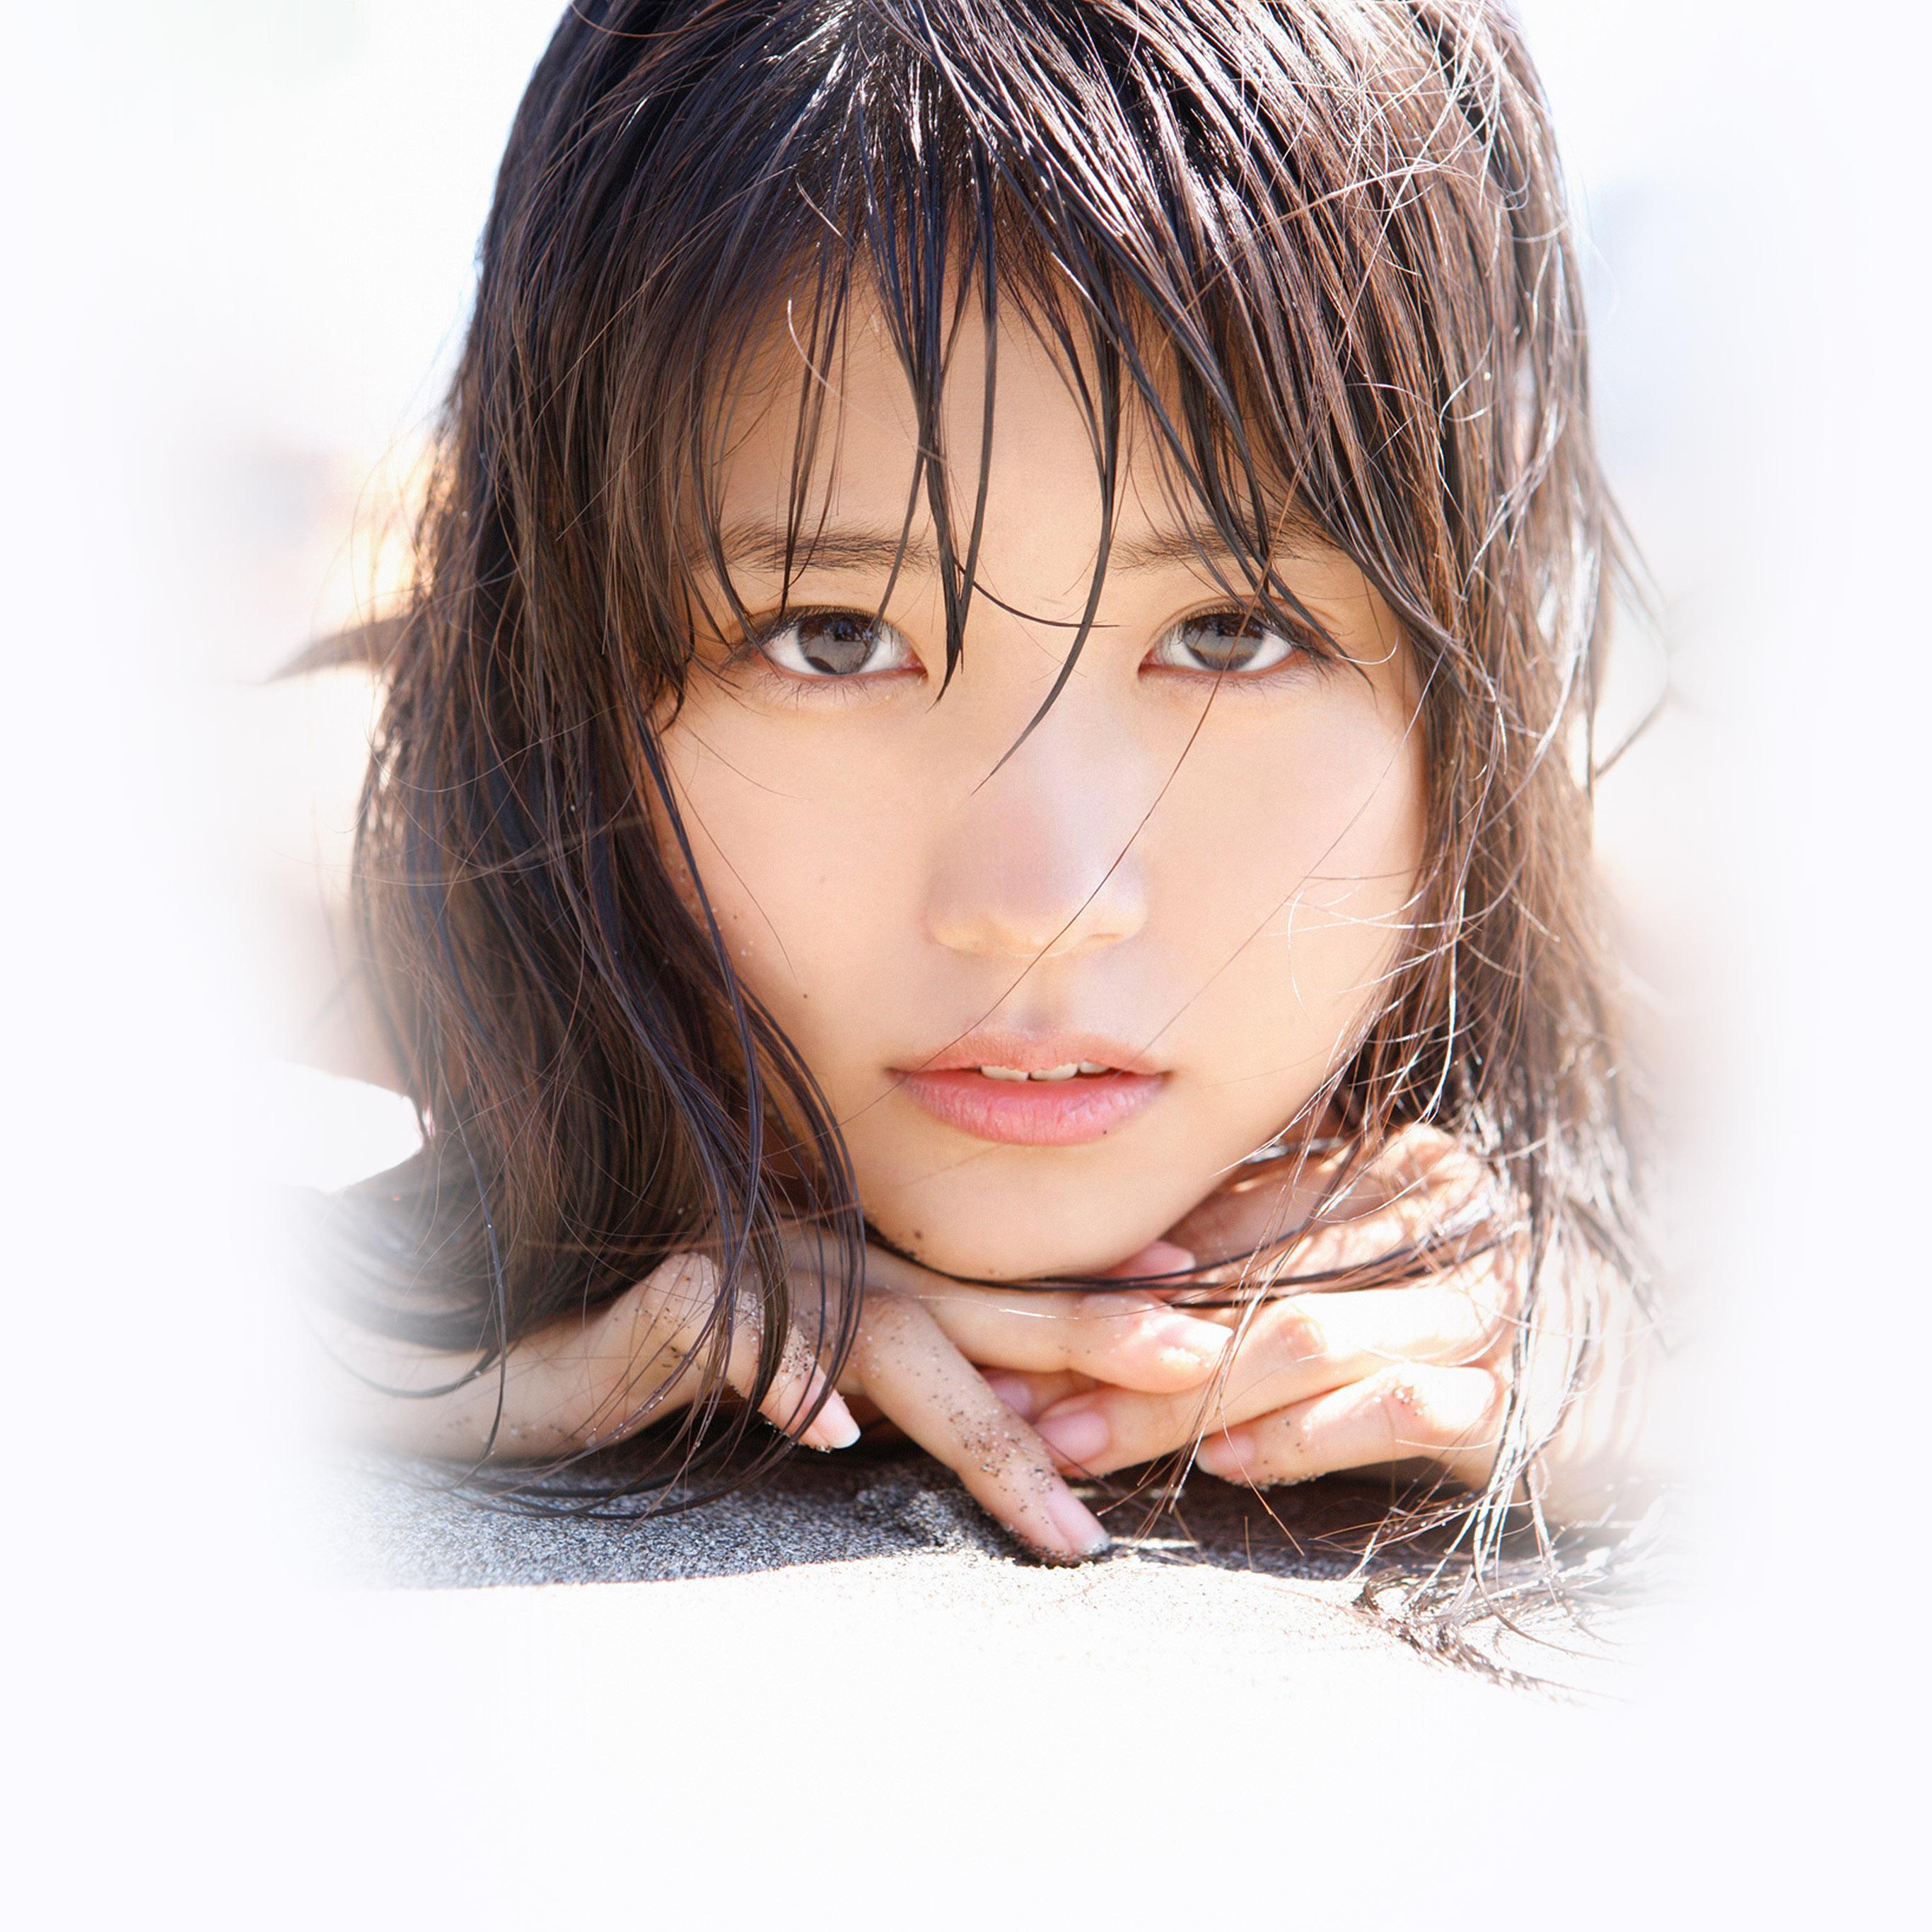 I love papers wallpaper hi17 japanese girl summer swim - Asian girl 4k ...